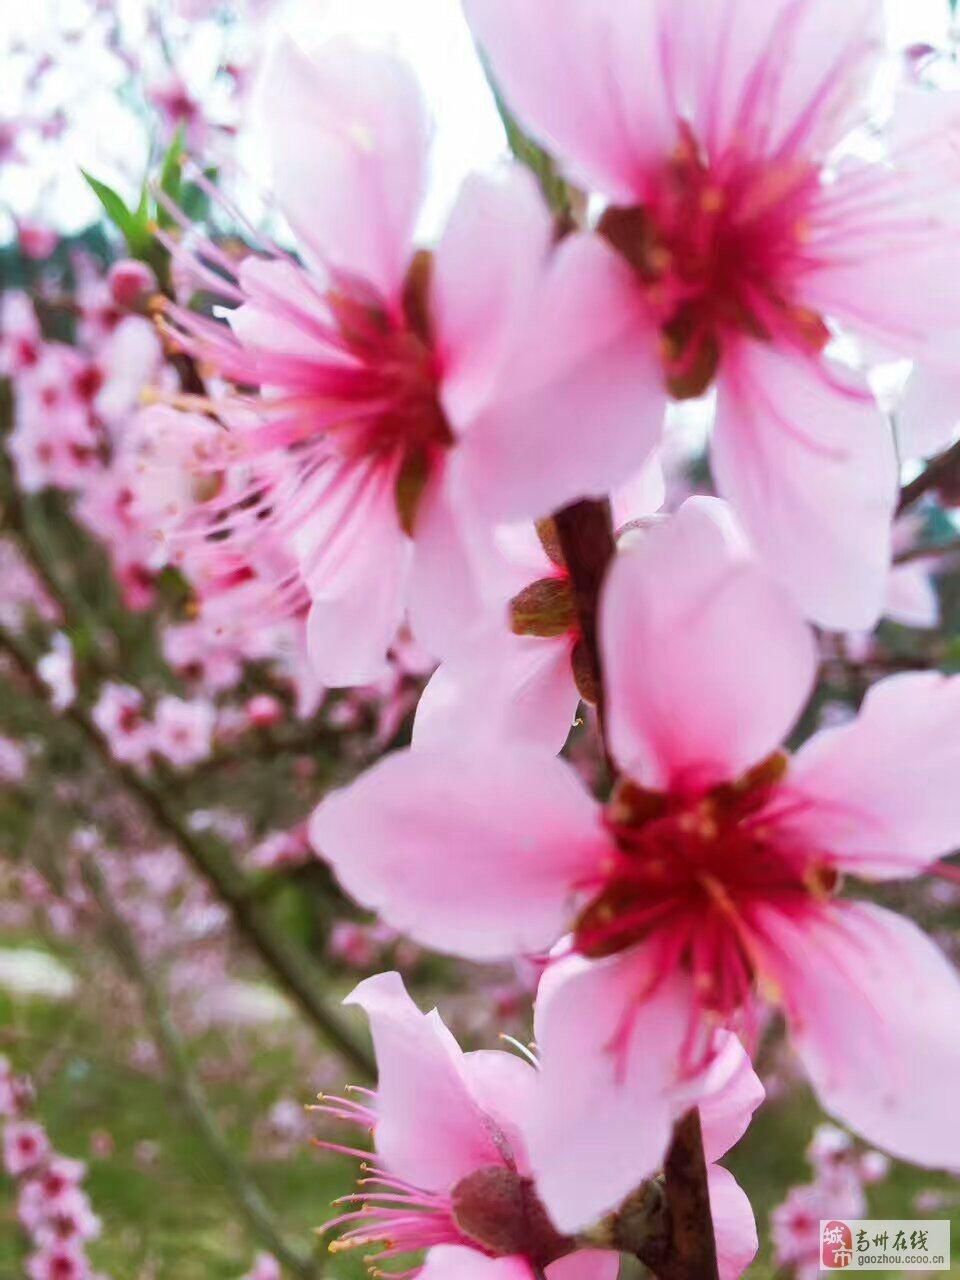 三生三世张家界,春暖花开桃花溪